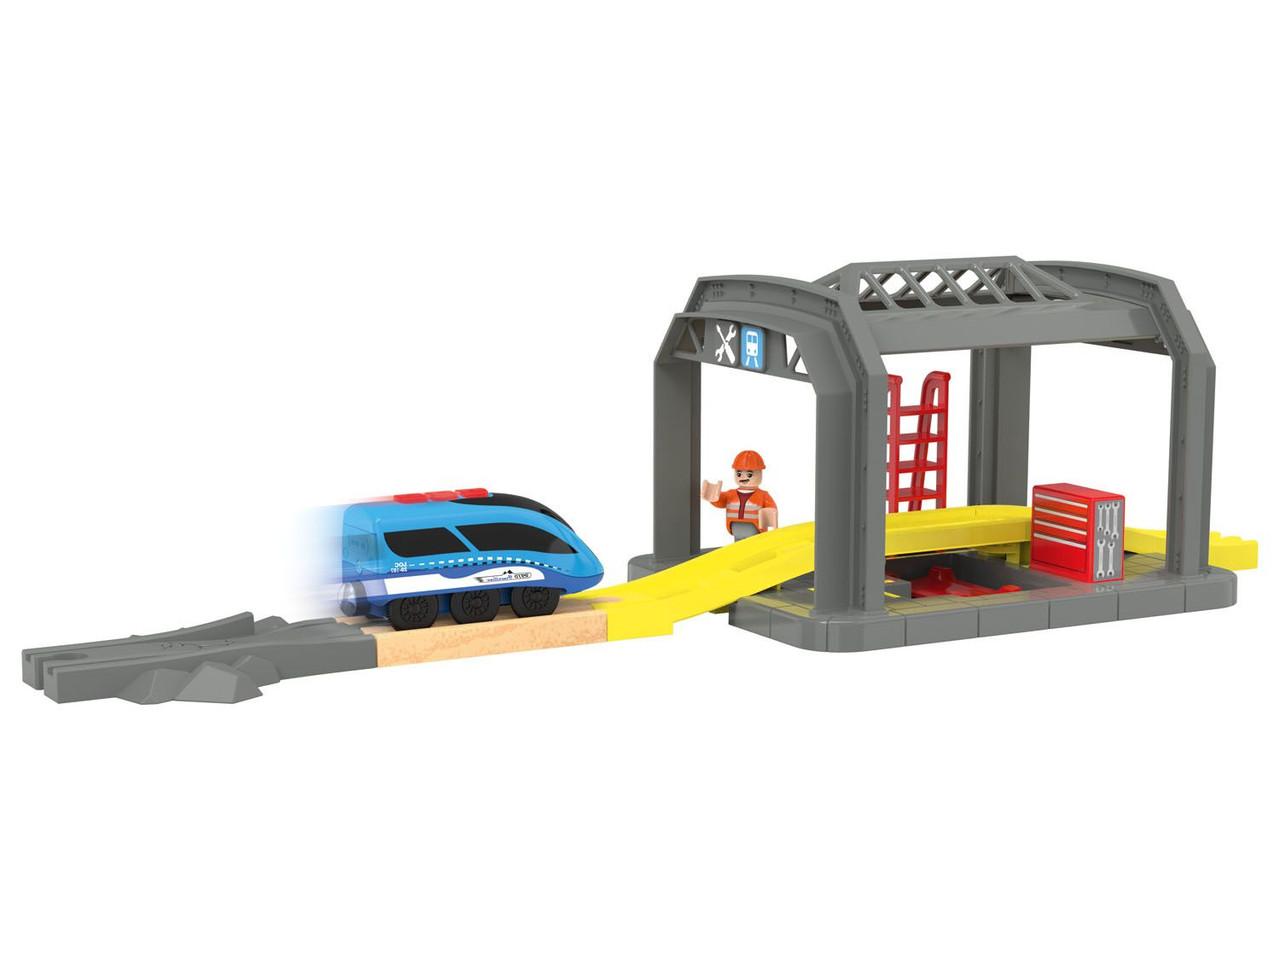 Мастерская Magic drive с электропоездом для деревянной железной дороги Playtive